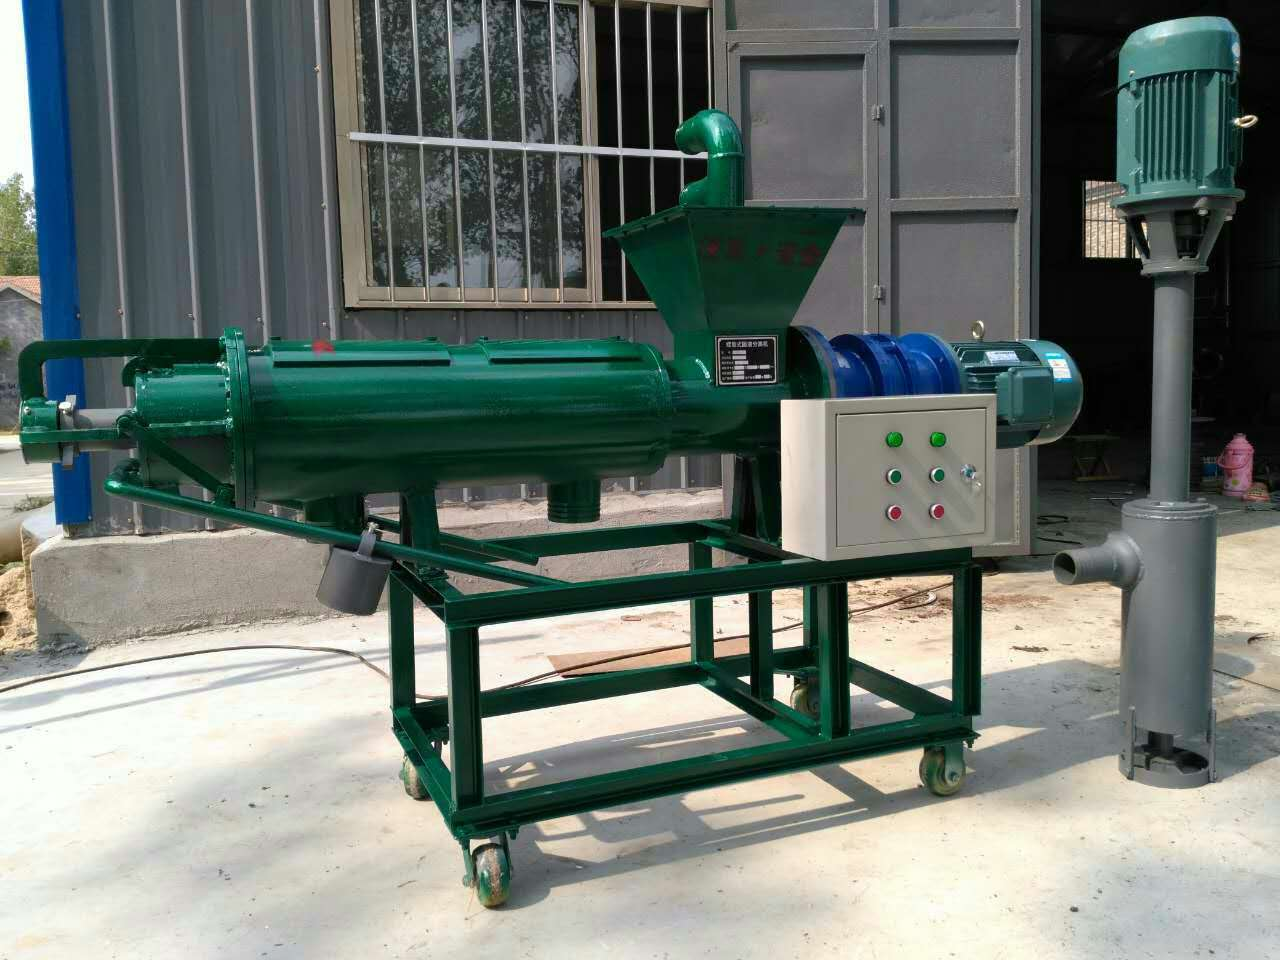 a芜湖猪粪固液分离机a,牛粪干湿脱水机,鸡粪处理机